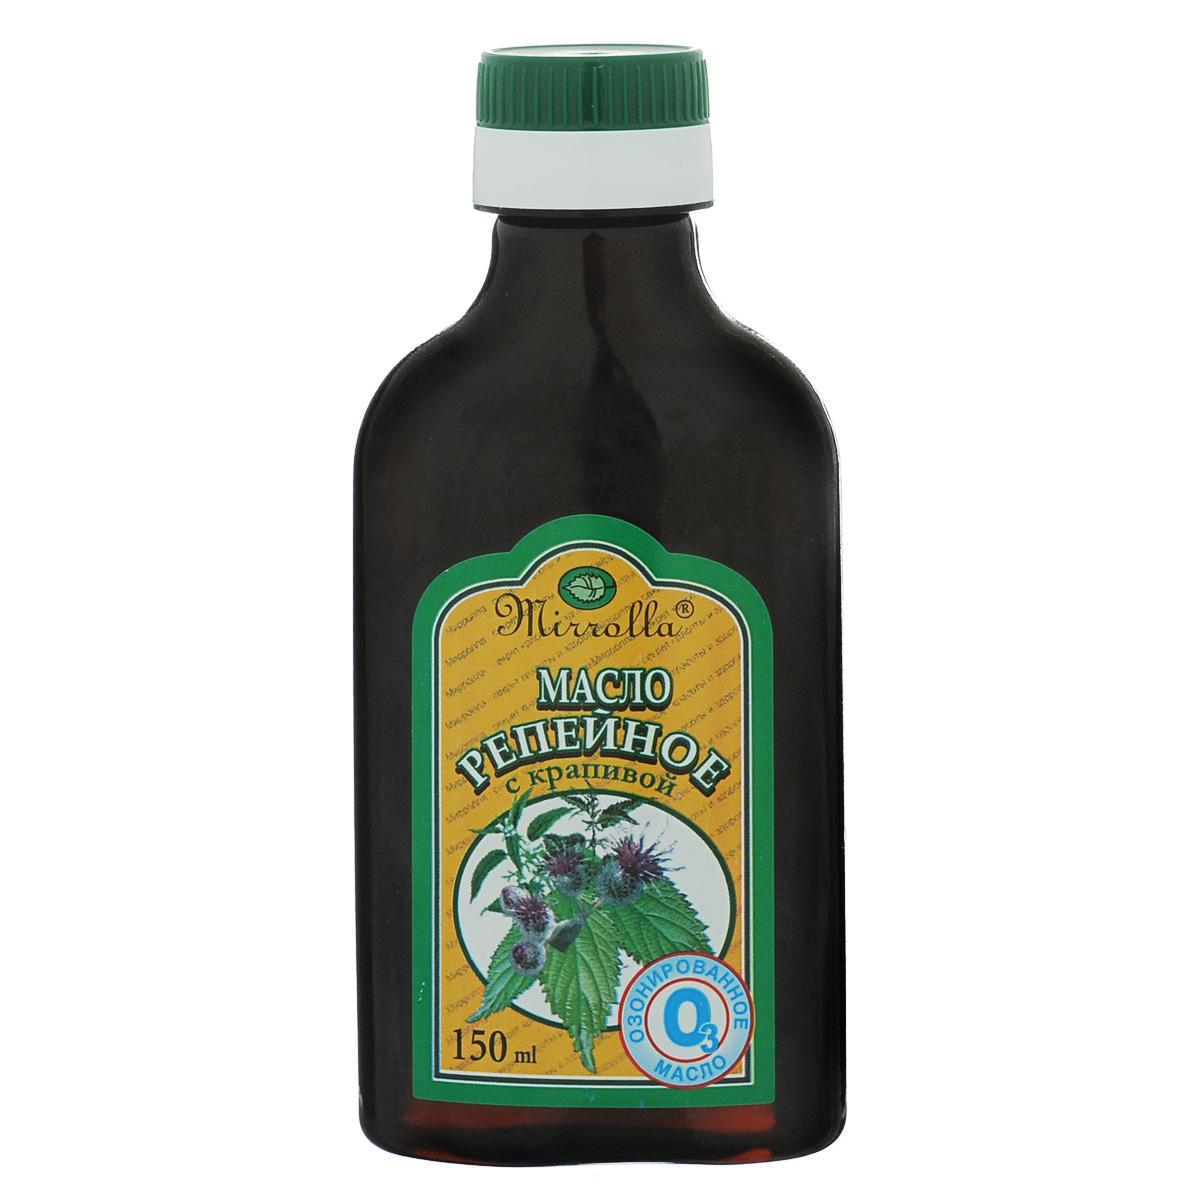 Мирролла Репейное масло с крапивой, озонированное, 150 мл